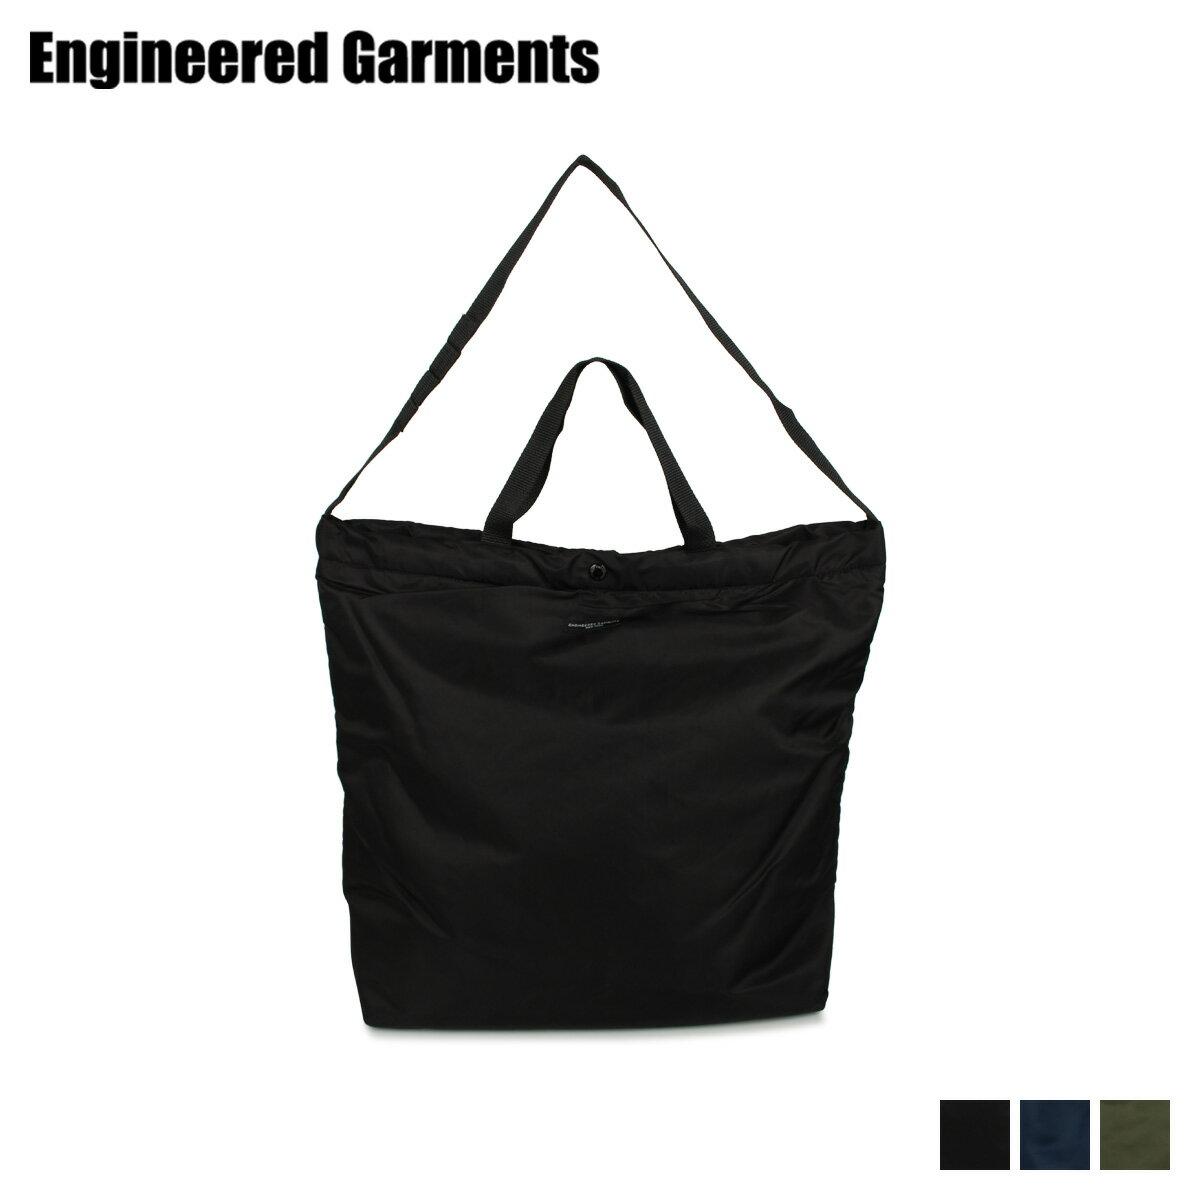 男女兼用バッグ, トートバッグ 1000OFF ENGINEERED GARMENTS 2WAY CARRY ALL TOTE 20F1H015